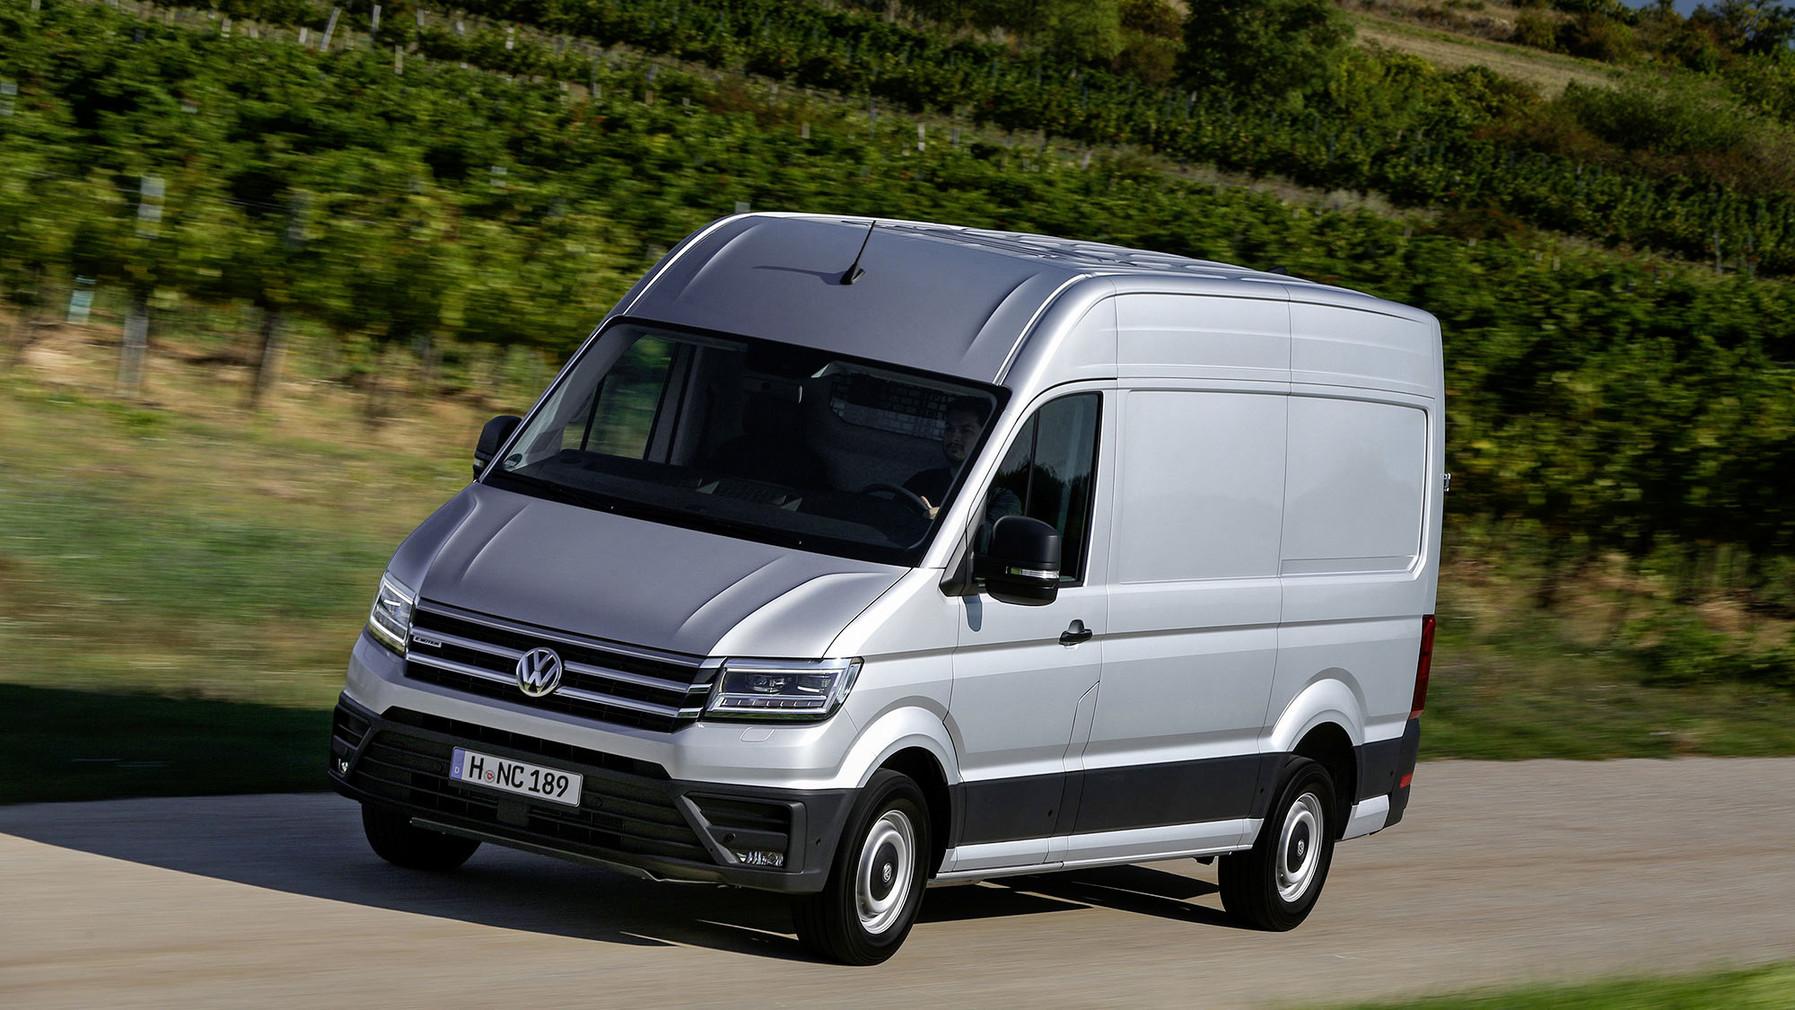 Sowohl Ford als auch Volkswagen sind bei leichten Nutzfahrzeugen weltweit sehr gut aufgestellt.